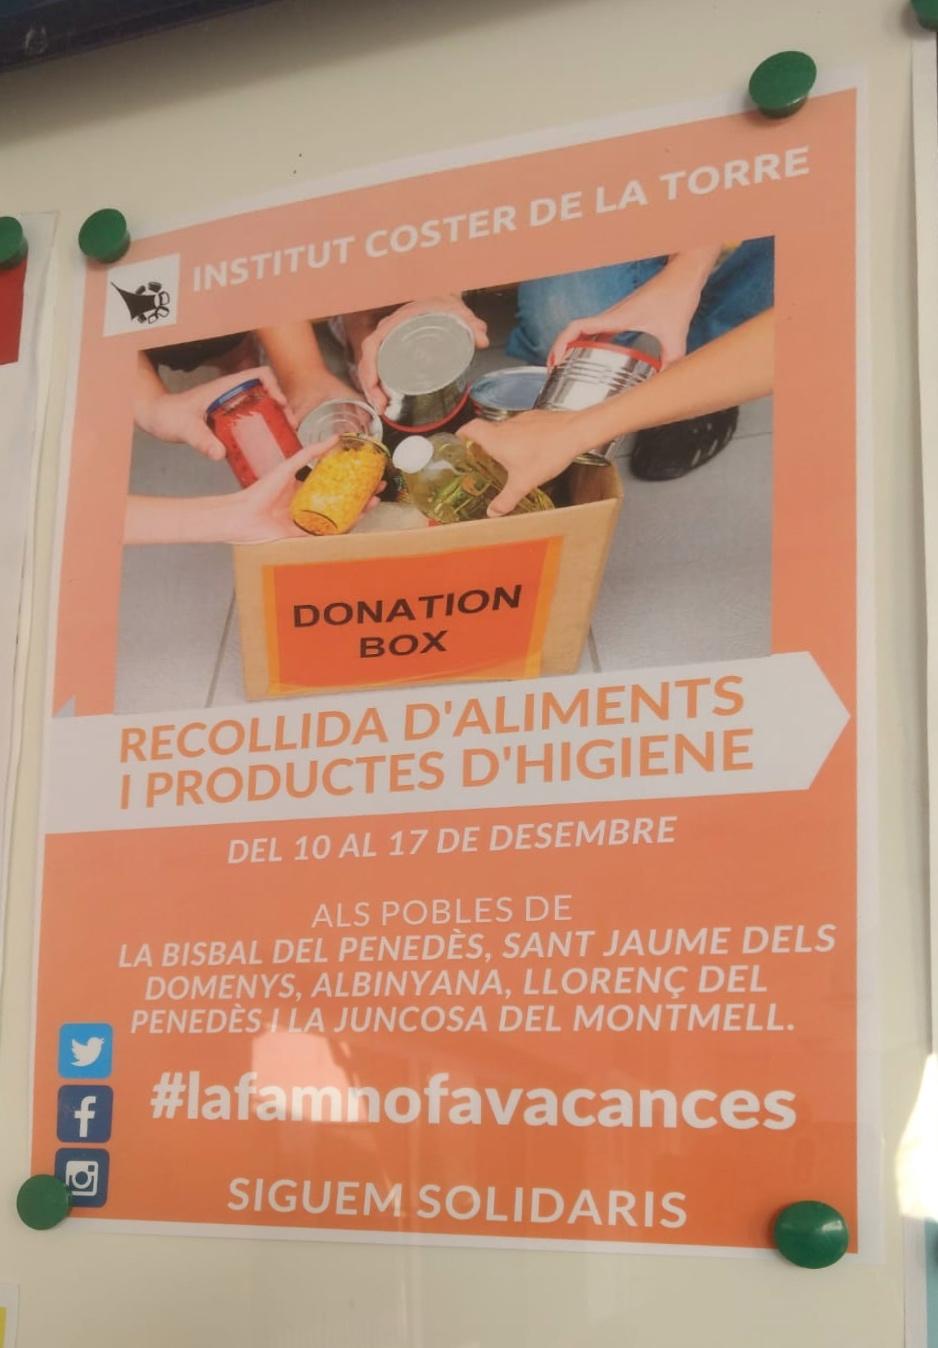 Els alumnes de quart d'ESO de l'Institut Coster de la Torre estan recollint aliments i productes d'higiene personal en diversos punts del municipi